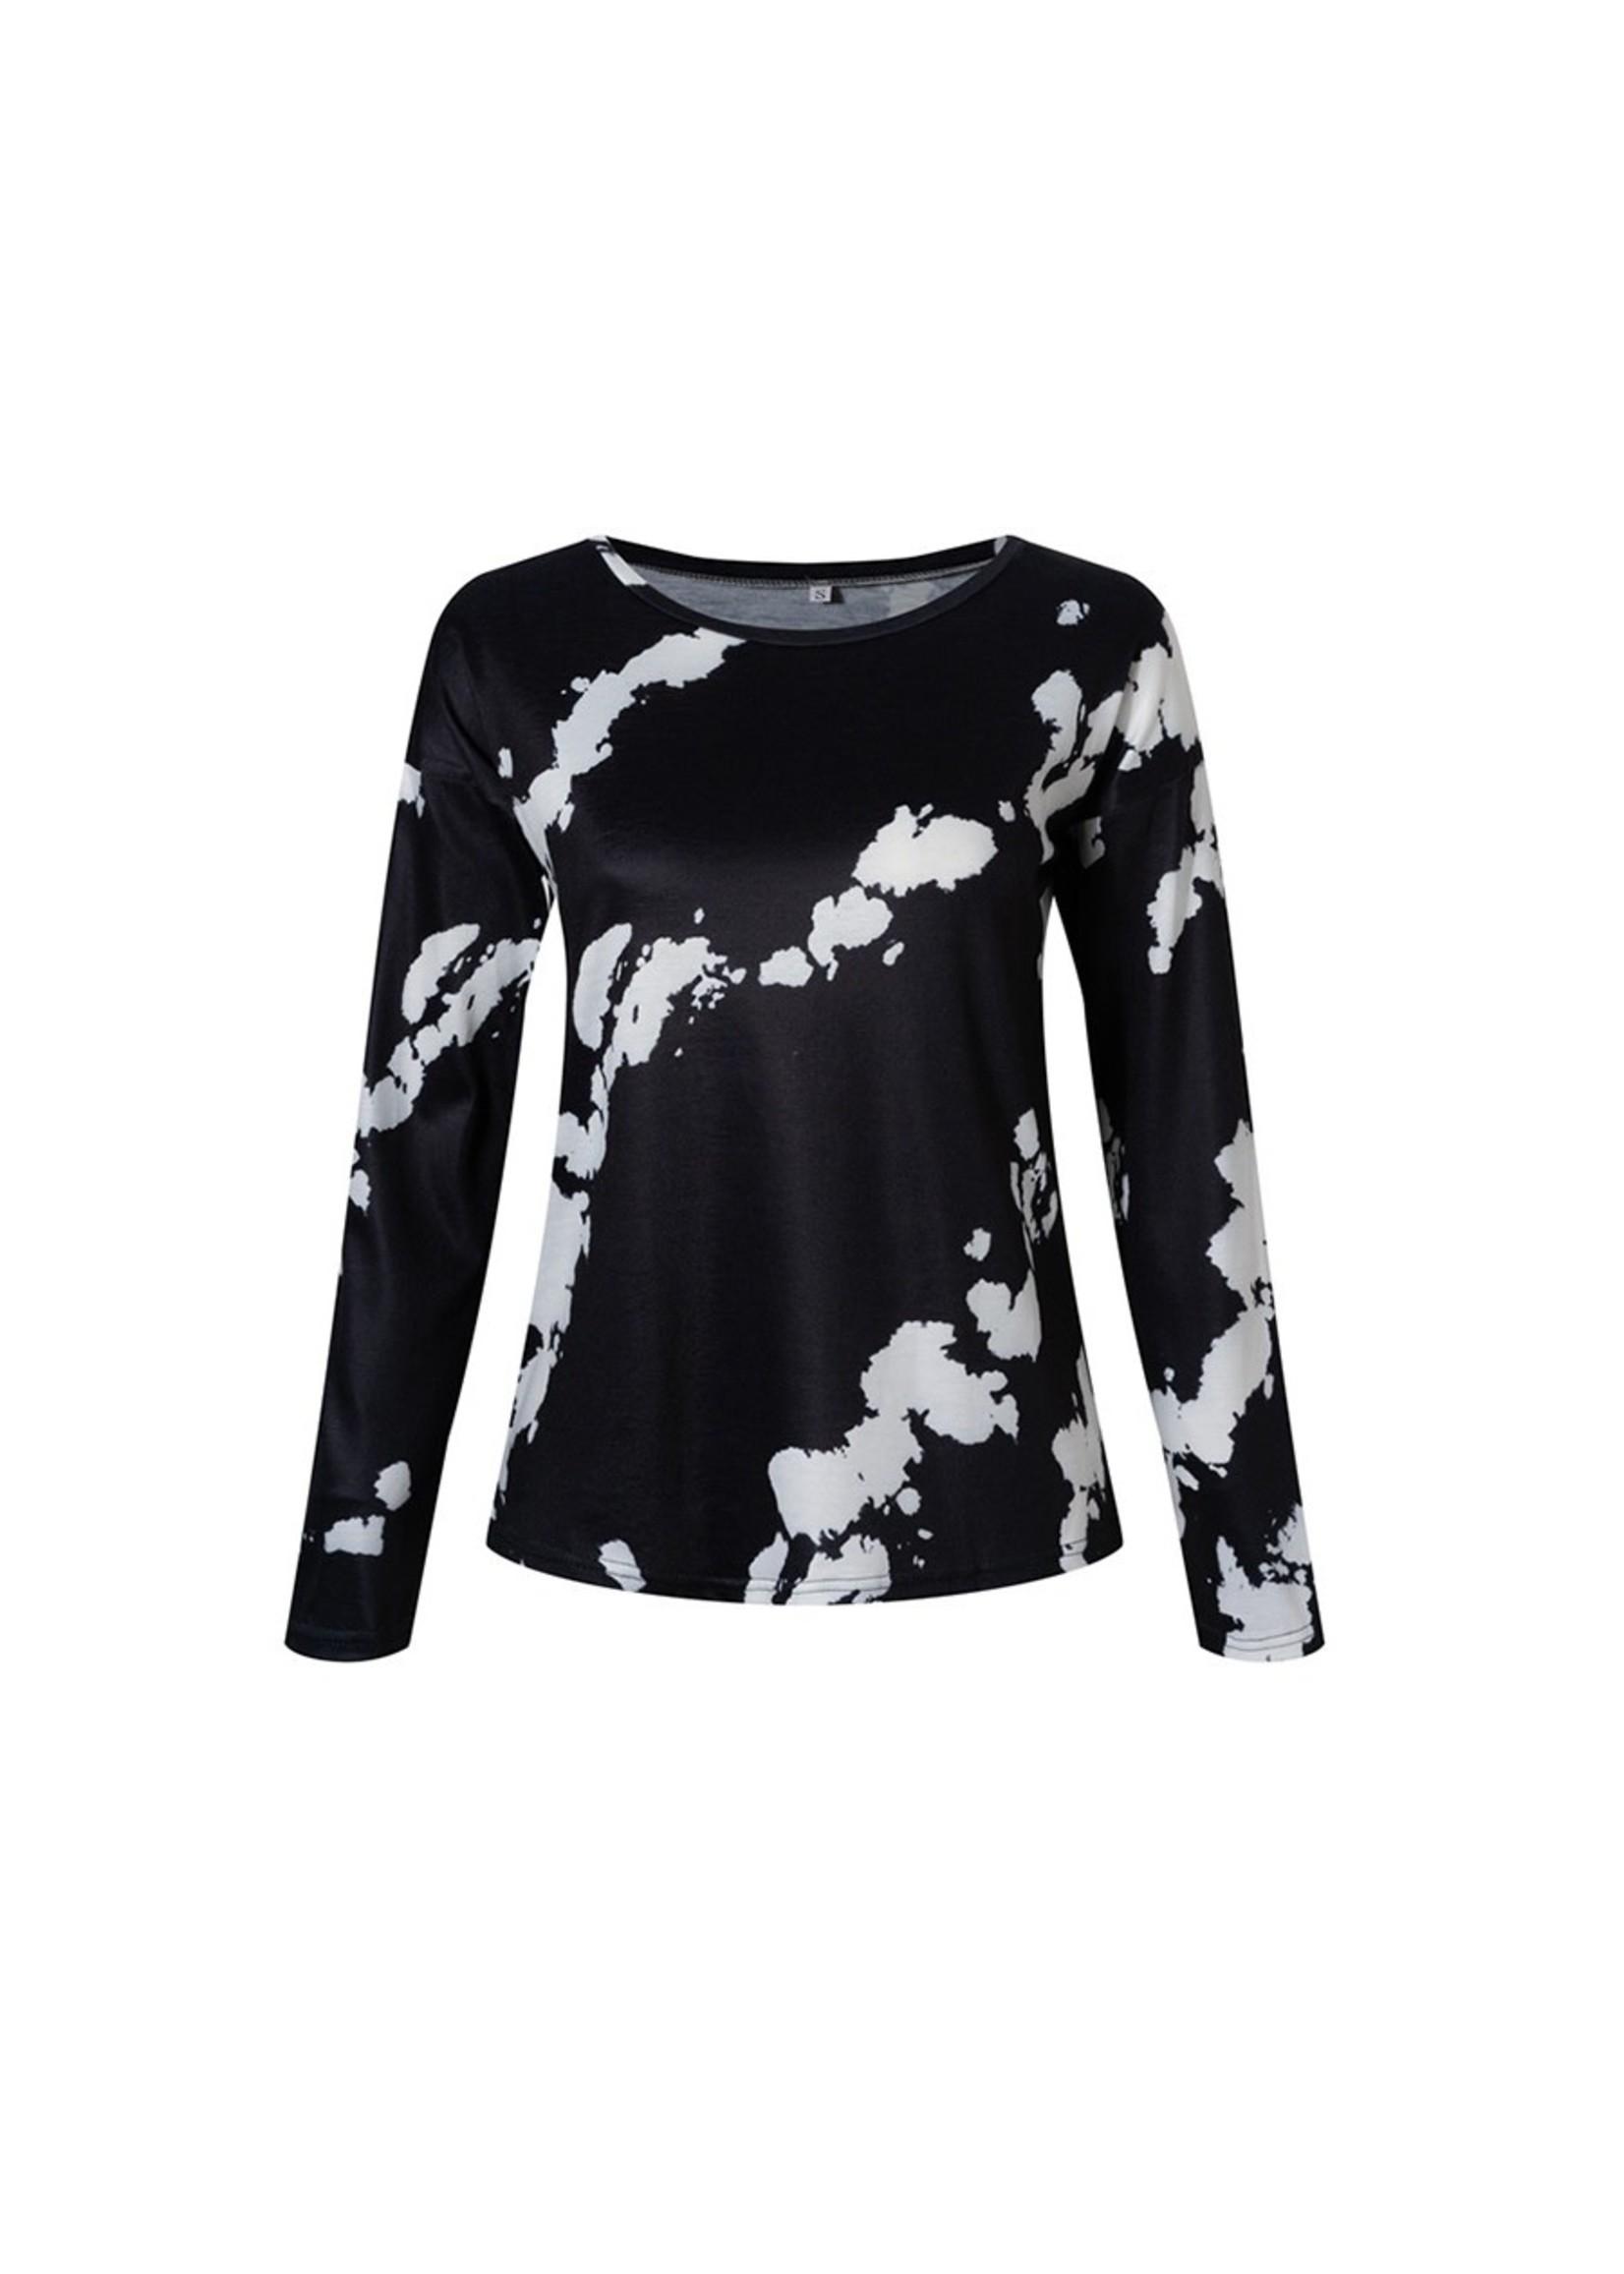 esley Comfy Round Neckline Long Sleeve Top-black